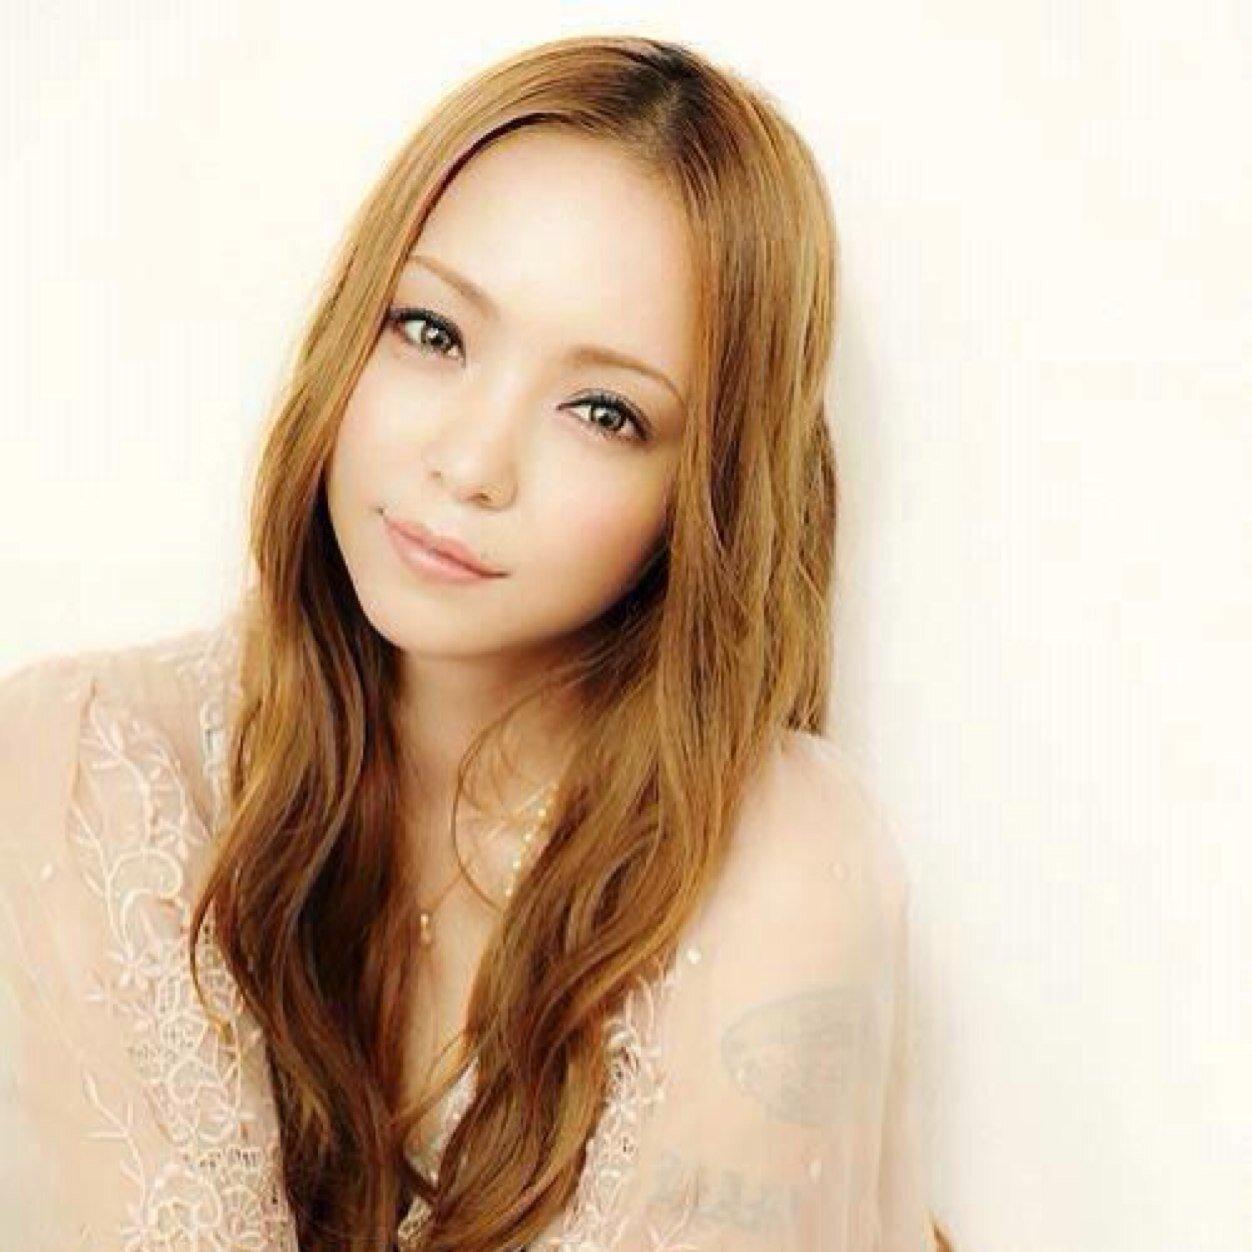 気になる安室奈美恵の身長・体重を人気モデルたちと等身を比較のサムネイル画像